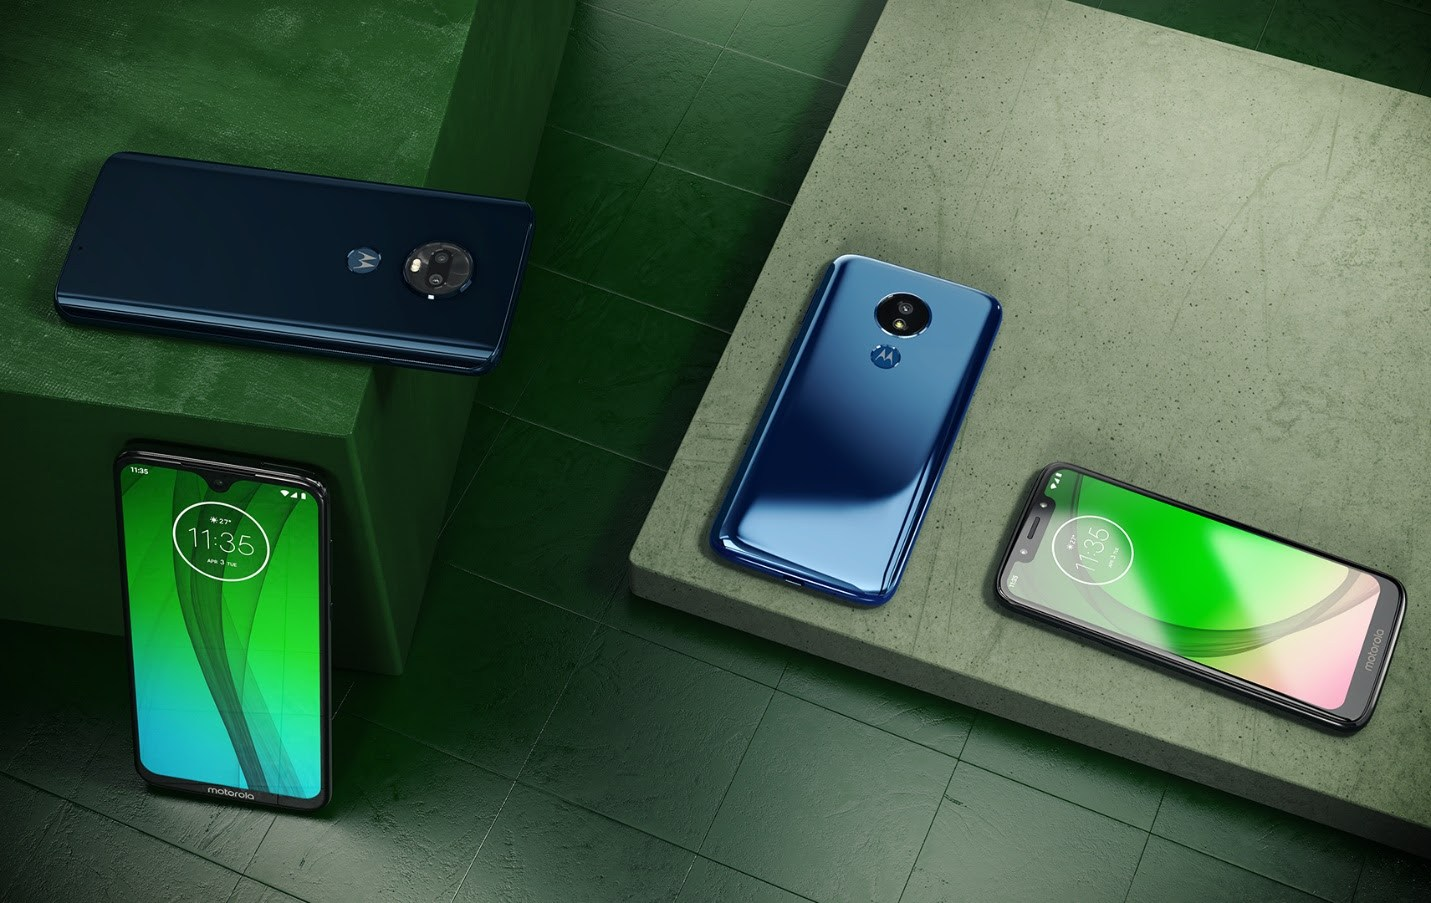 Motorola Moto G7, G7 Plus, G7 Play, G7 Power officialisés : images, caractéristiques et prix